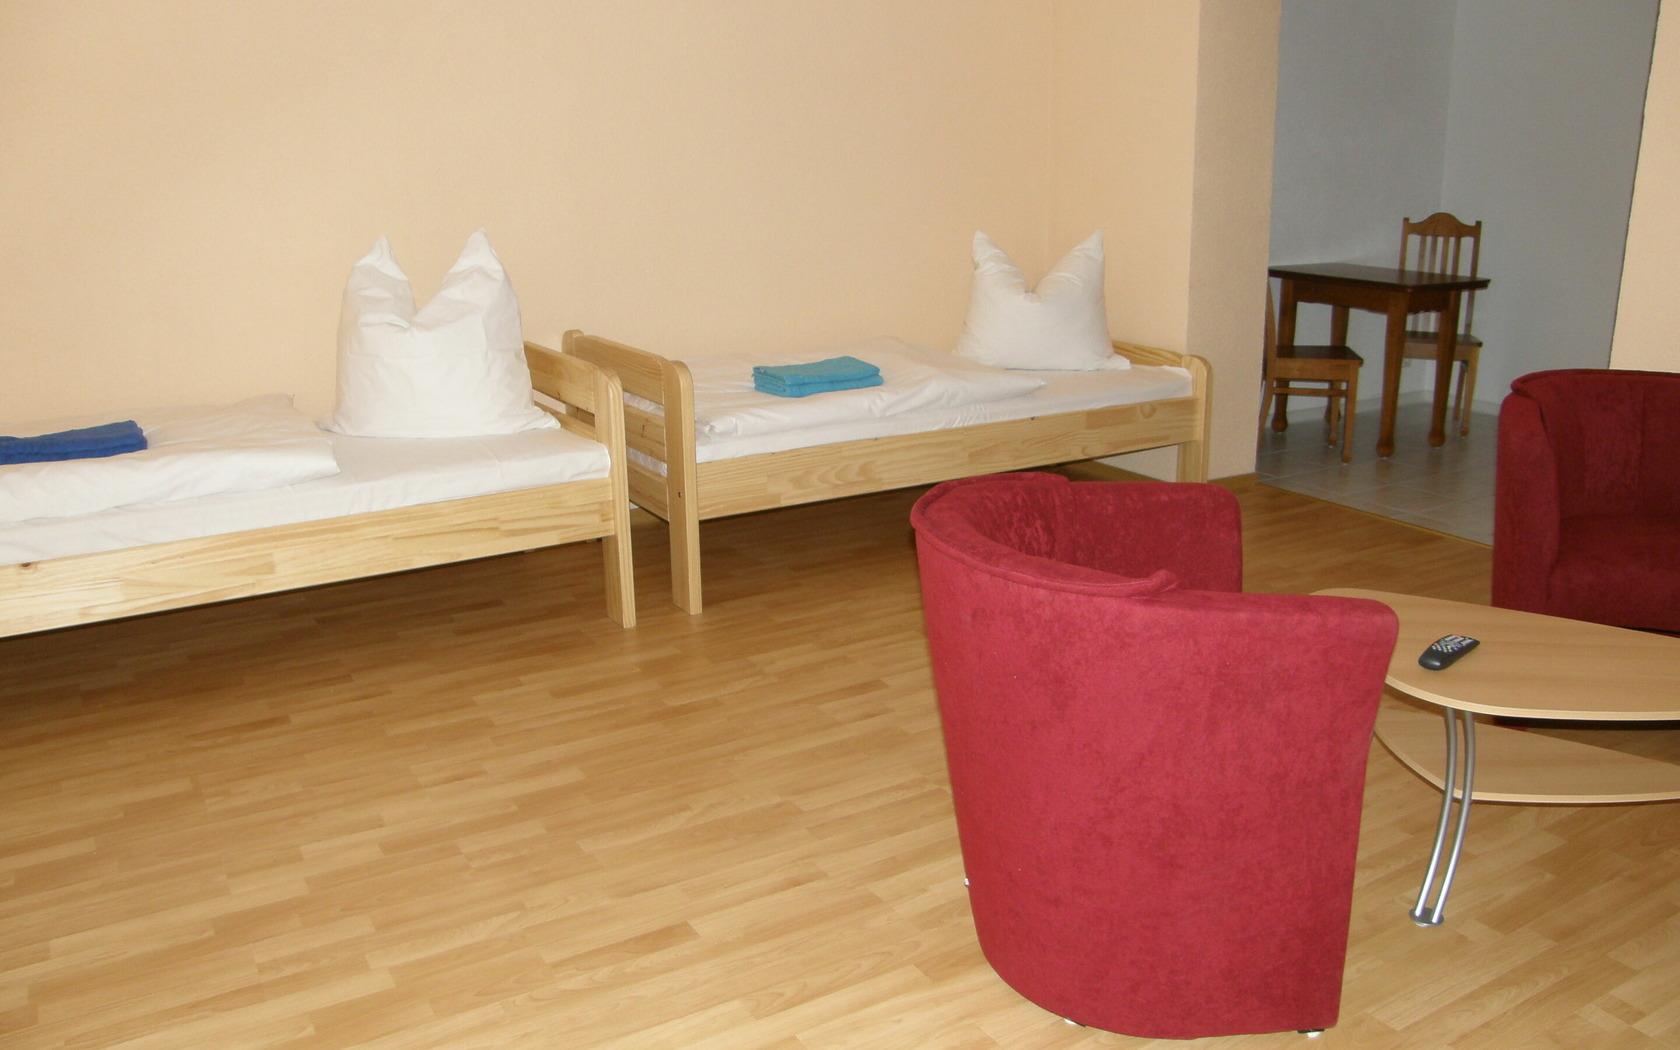 Zimmeransicht Gästewohnung Noak Guben, Foto: MuT Guben